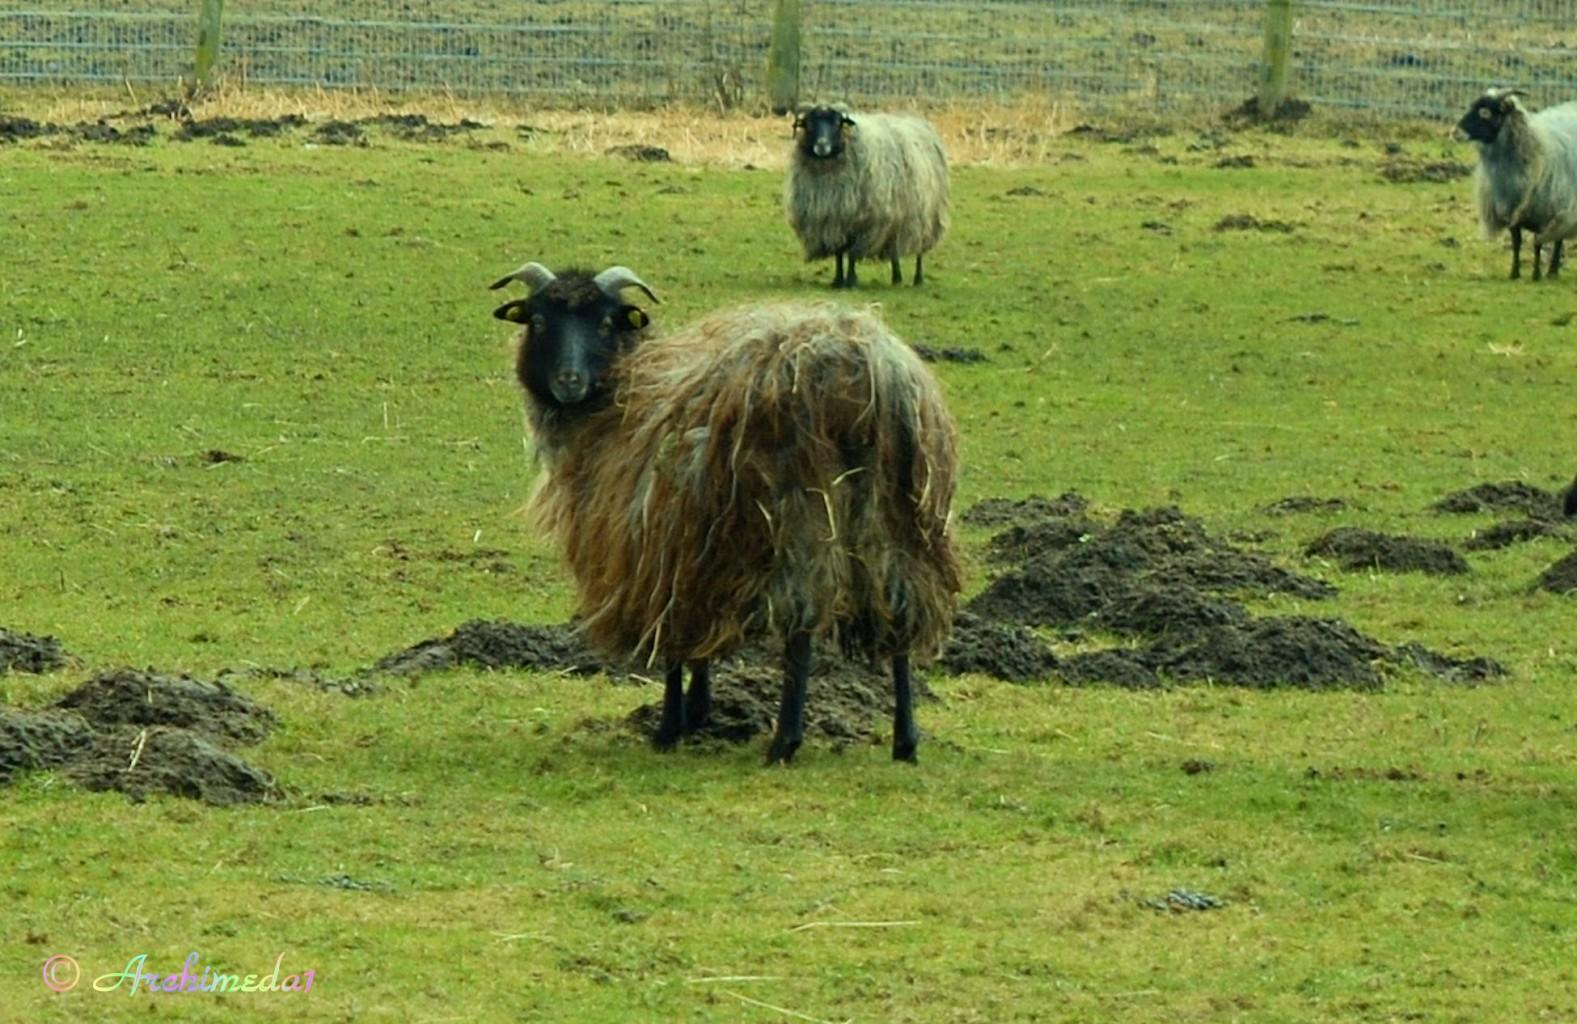 © Archimeda1_Schaf oder Ziege